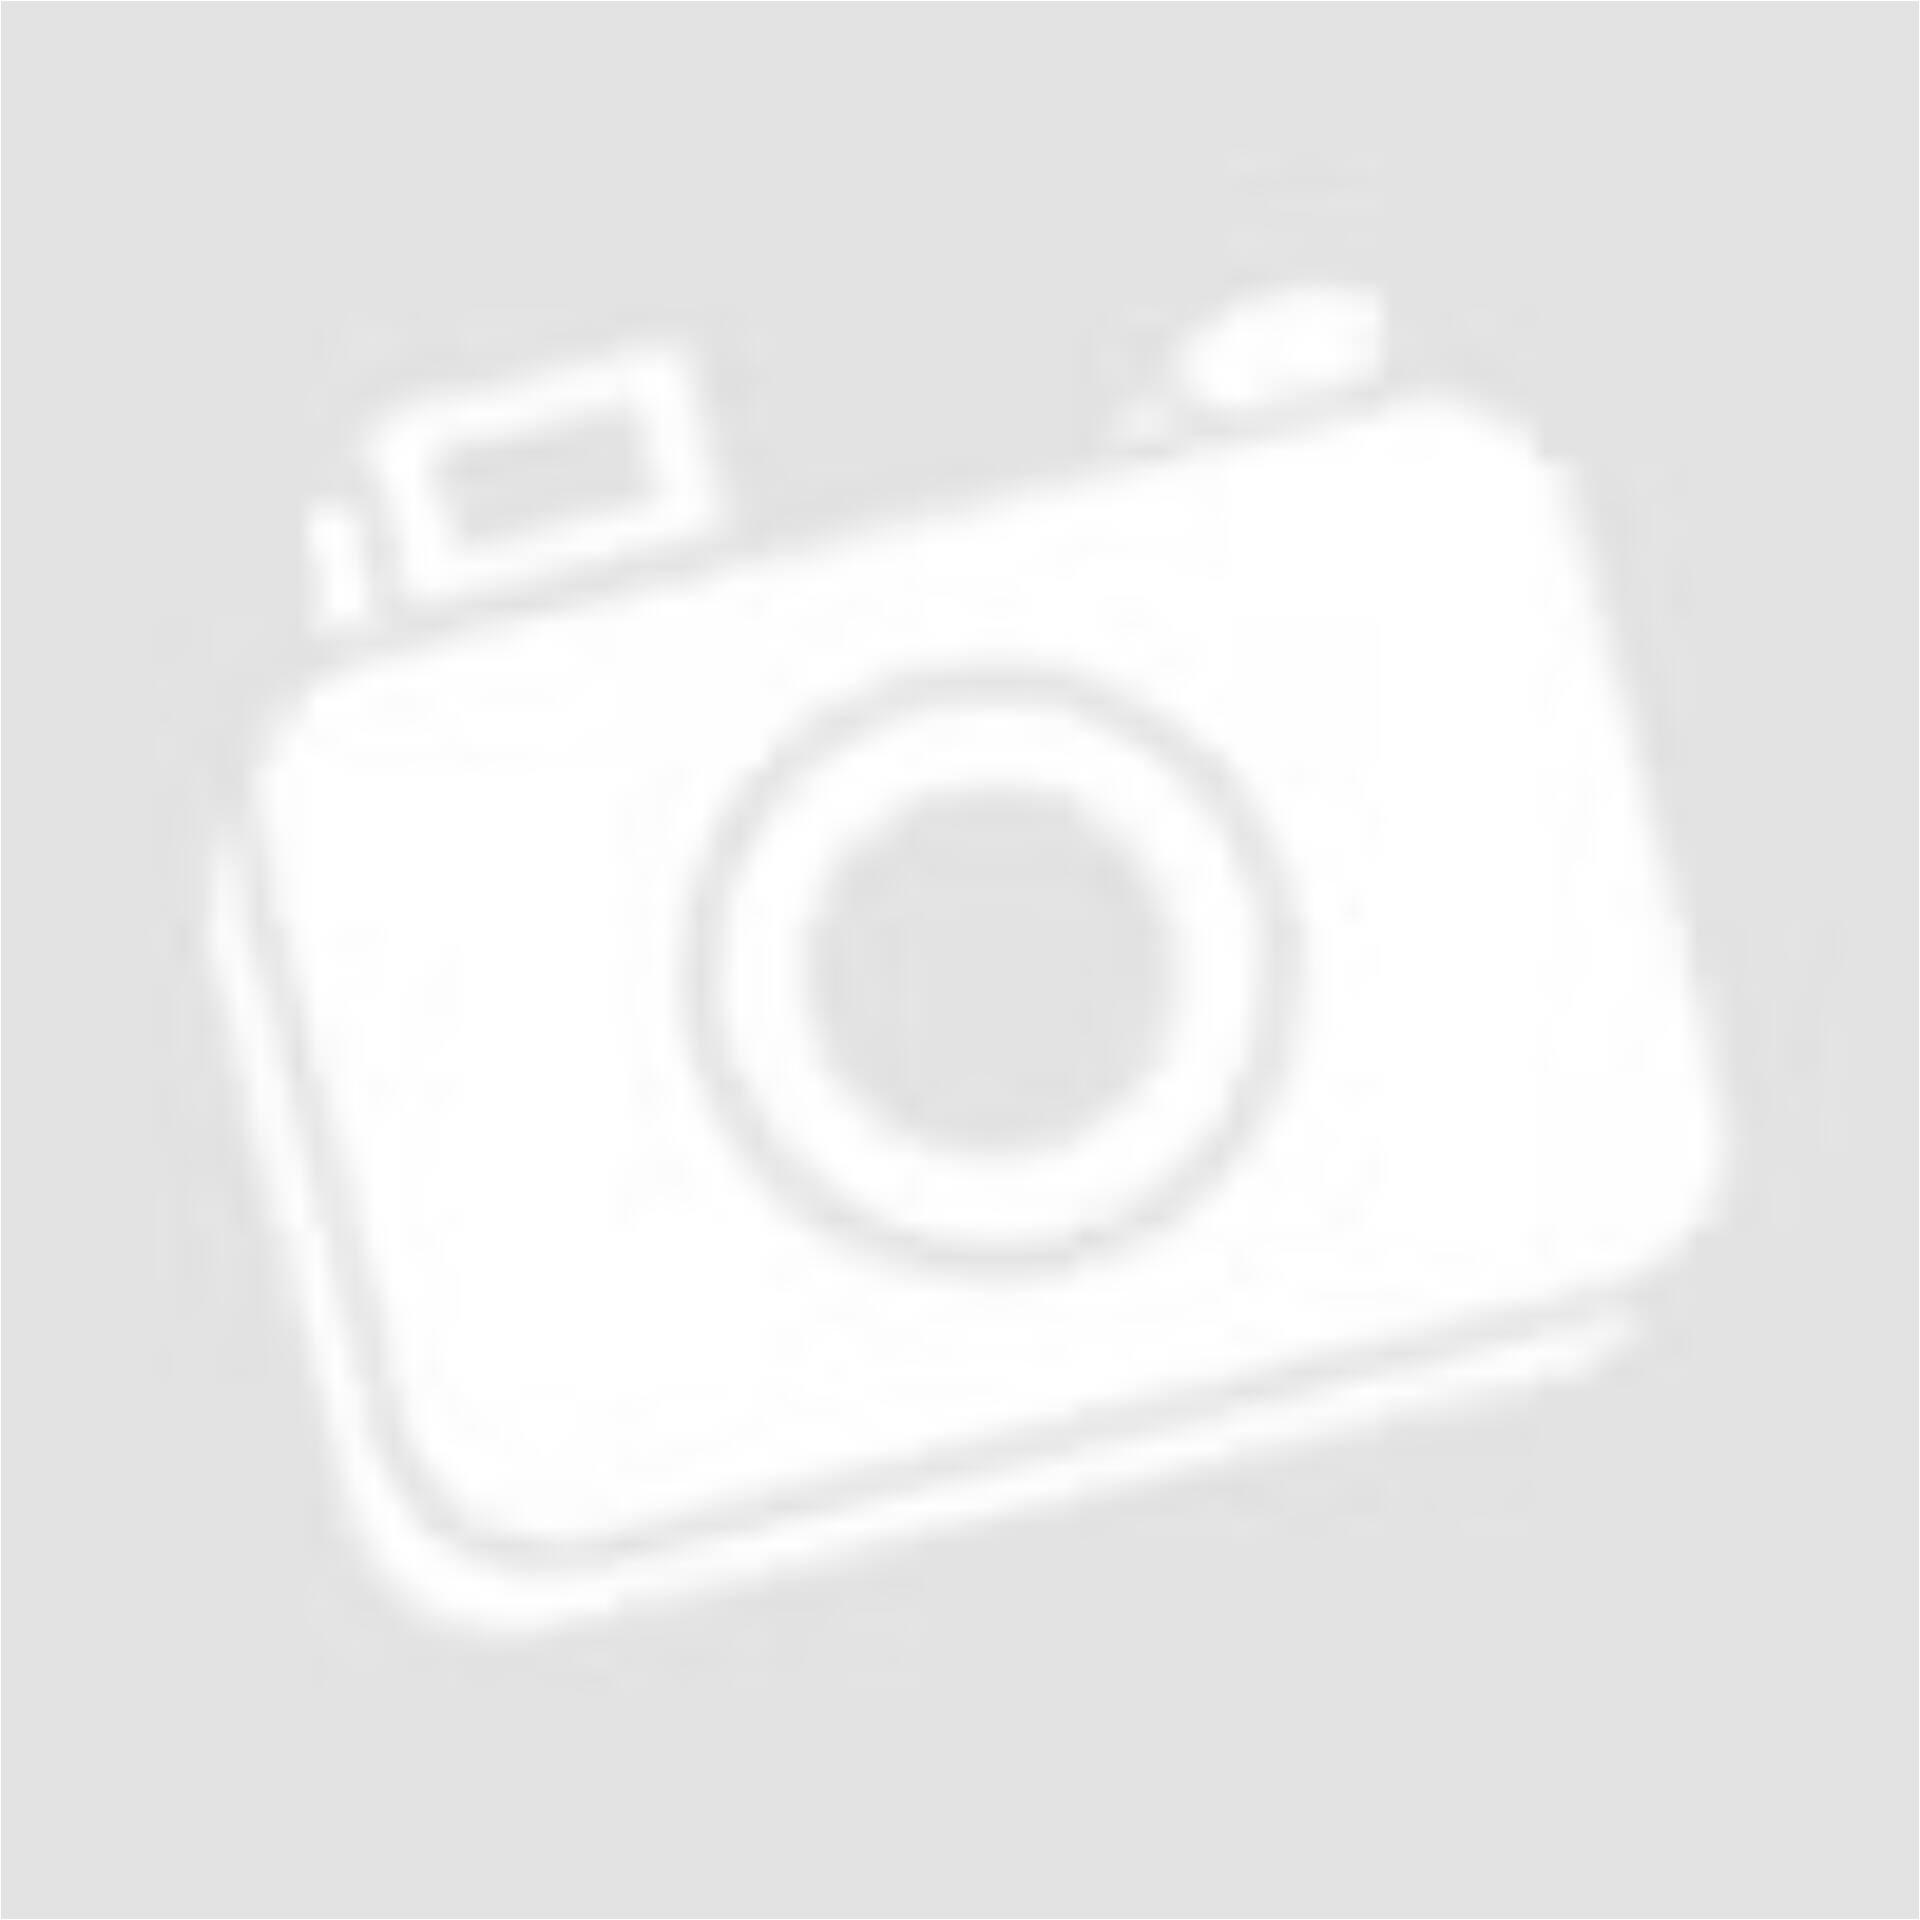 f185fb40e1 DOROTHY PERKINS kék egész ruha (Méret: L) - Alkalmi ruha, kosztüm ...